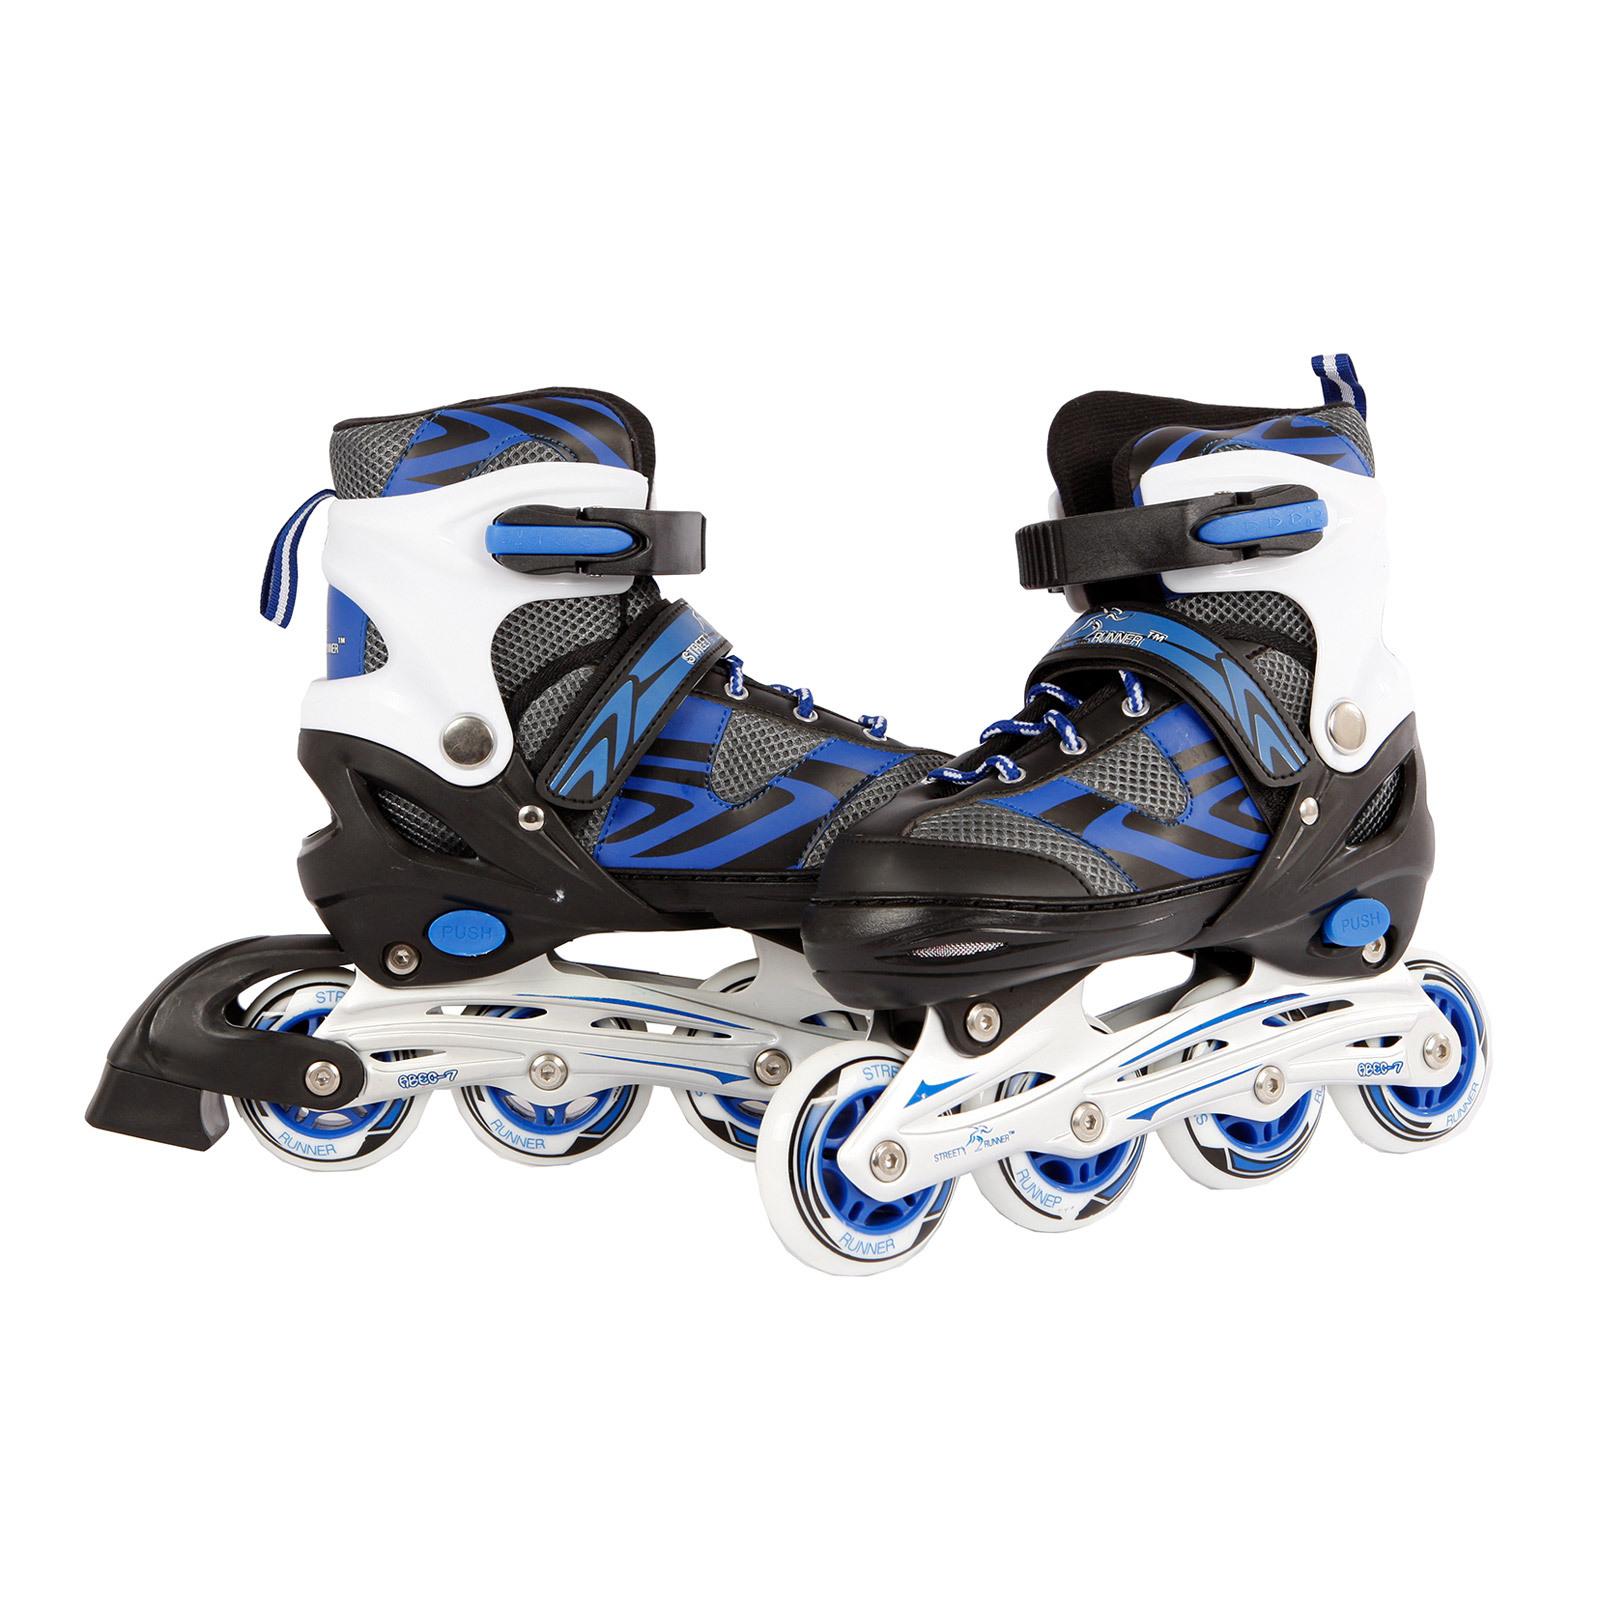 inlineskates inline skates inliner schwarz blau gr 39 42. Black Bedroom Furniture Sets. Home Design Ideas